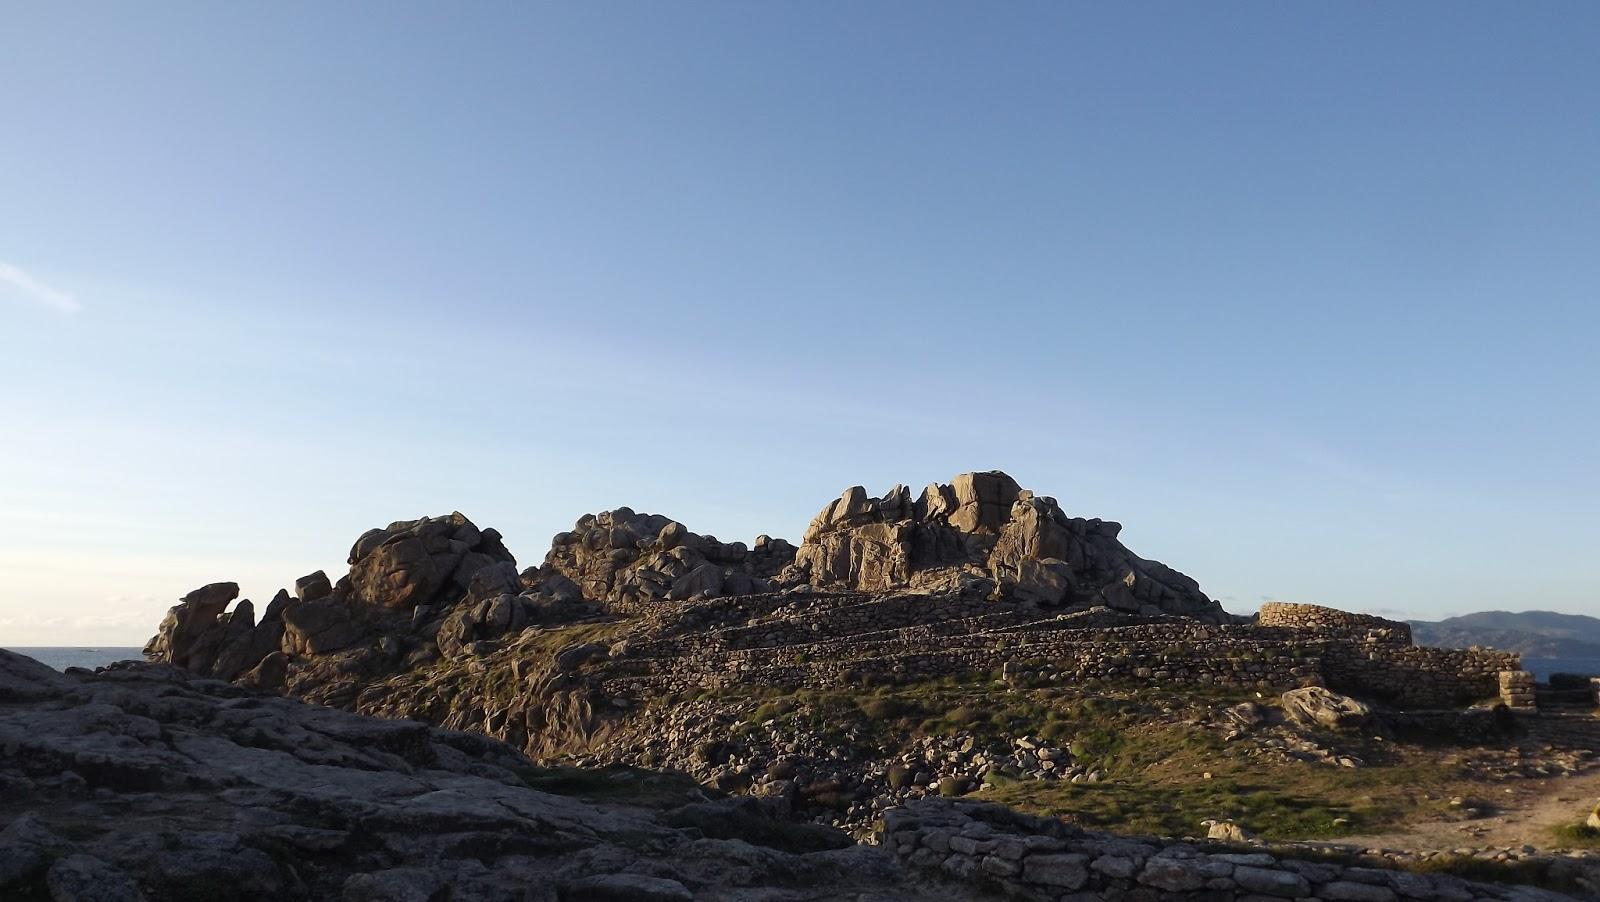 Turismo rural en galicia paperblog - Turismo rural galicia con ninos ...